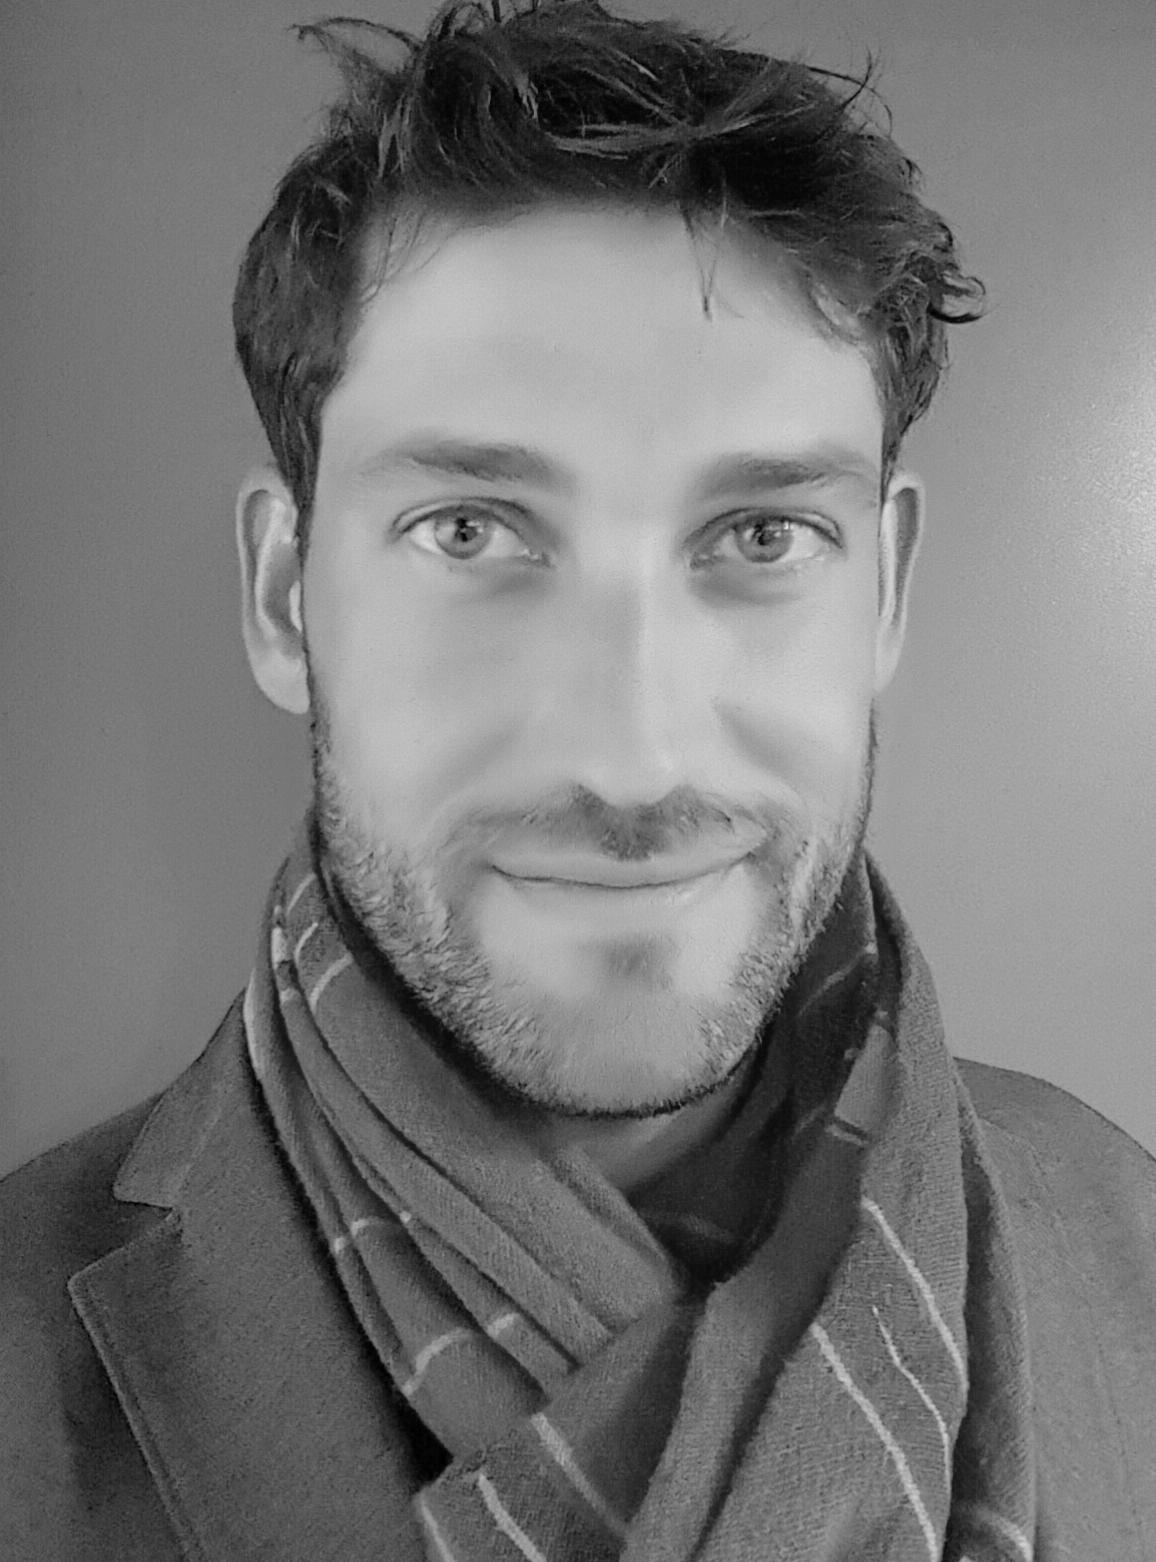 Patrick Farnole